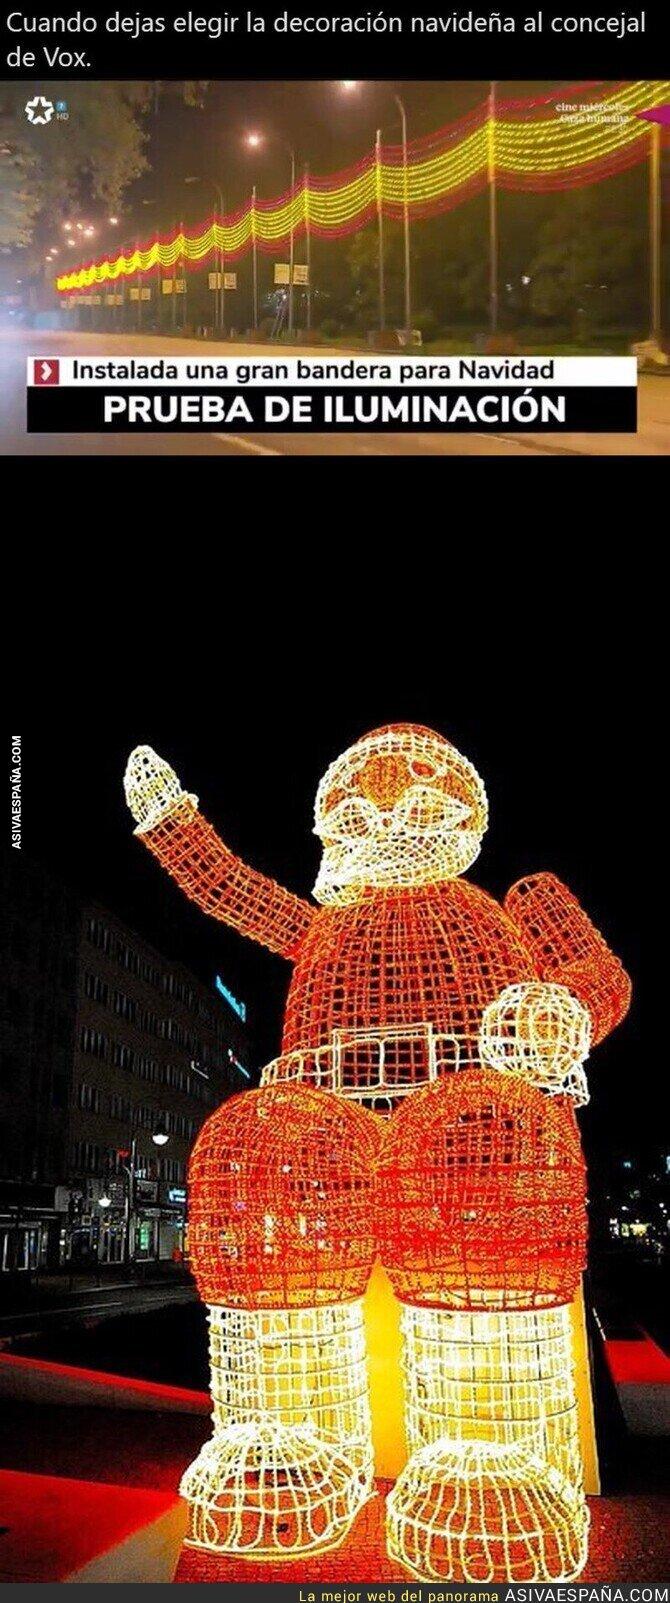 464522 - Arriba España y la Navidad